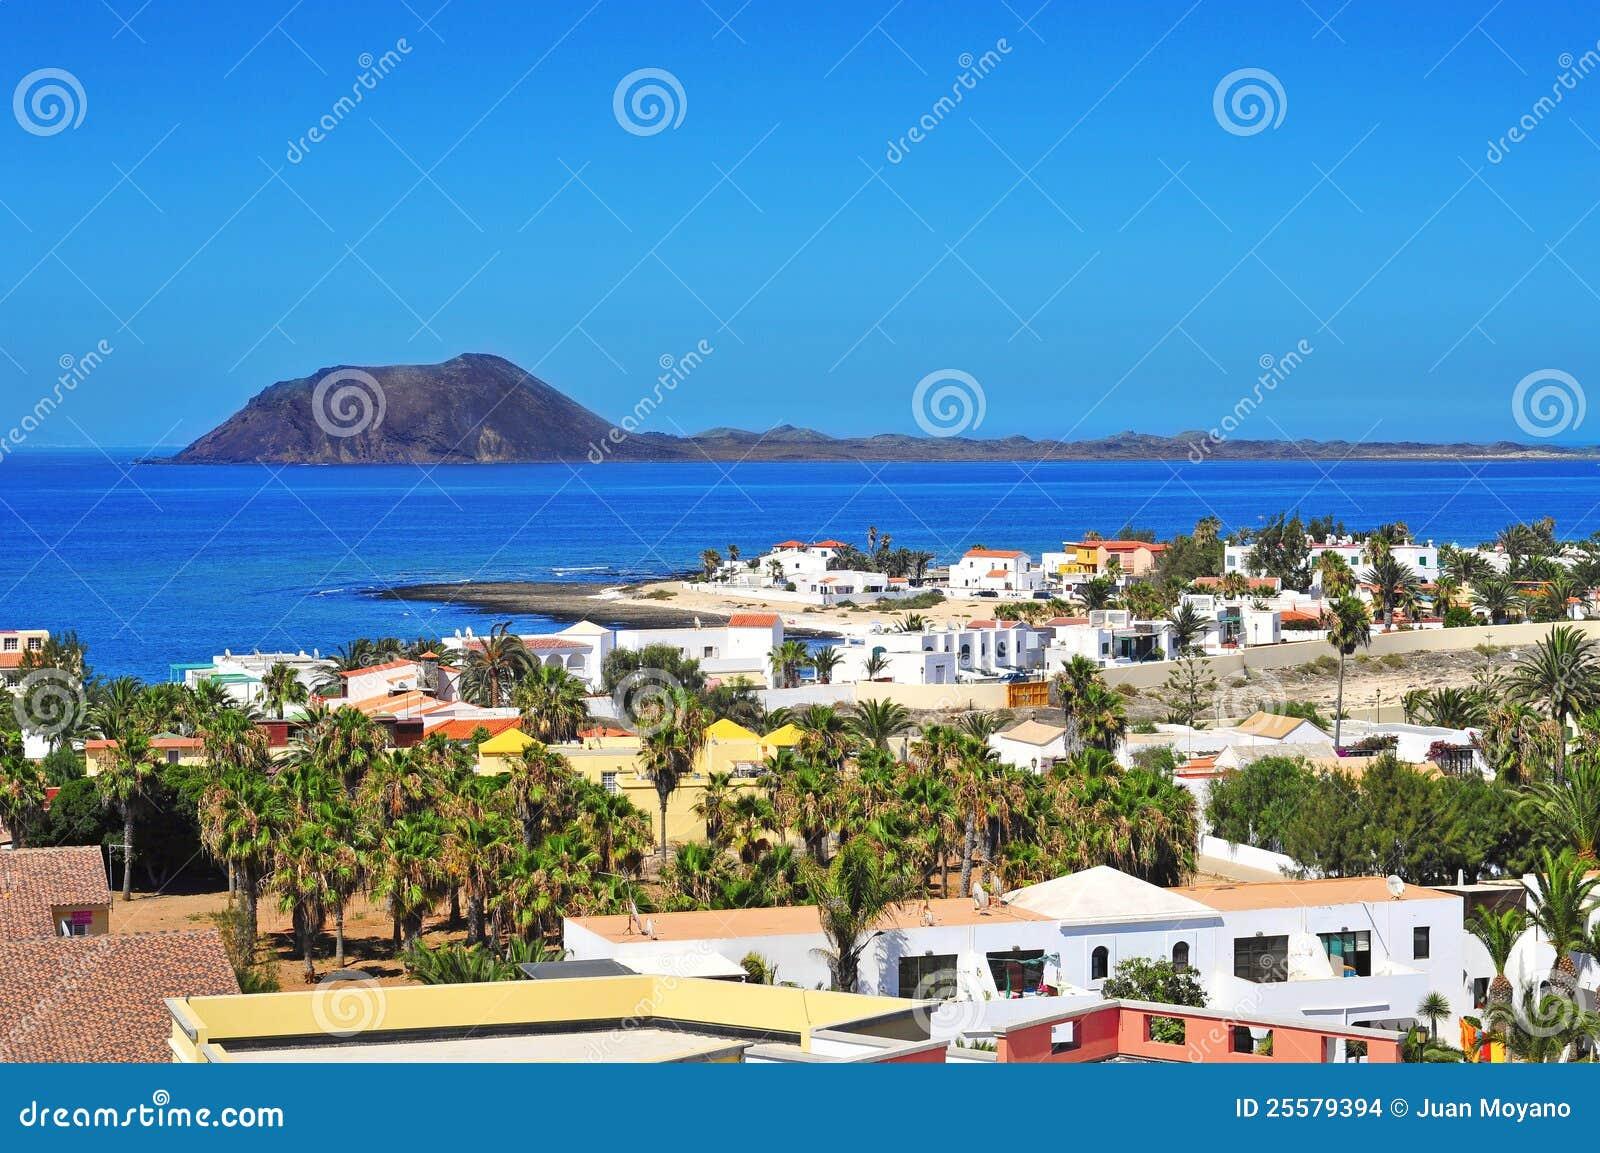 Lobos spain för corralejofuerteventura ö